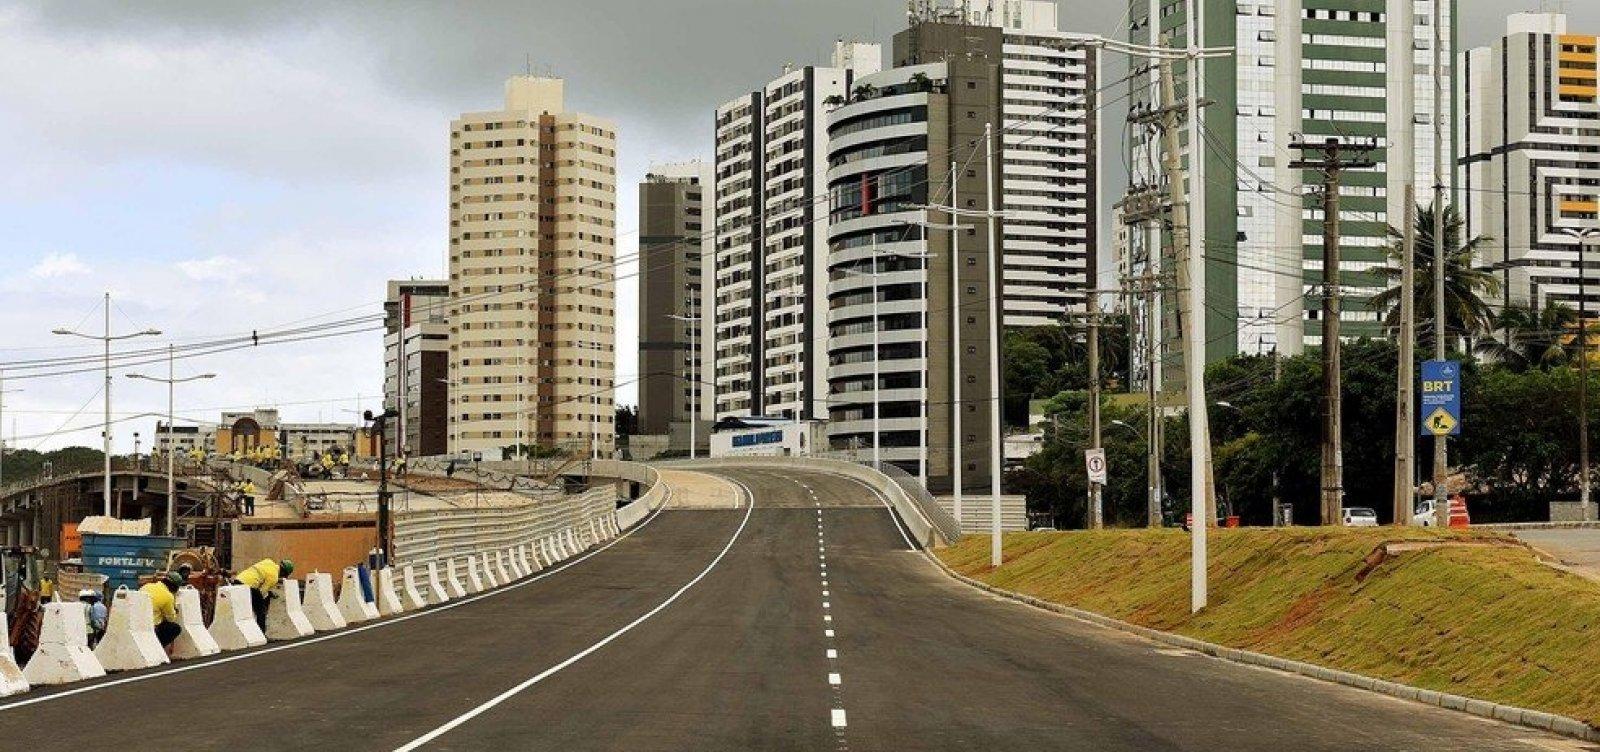 [Prefeitura determina início das obras de trechos 2 e 3 do BRT]